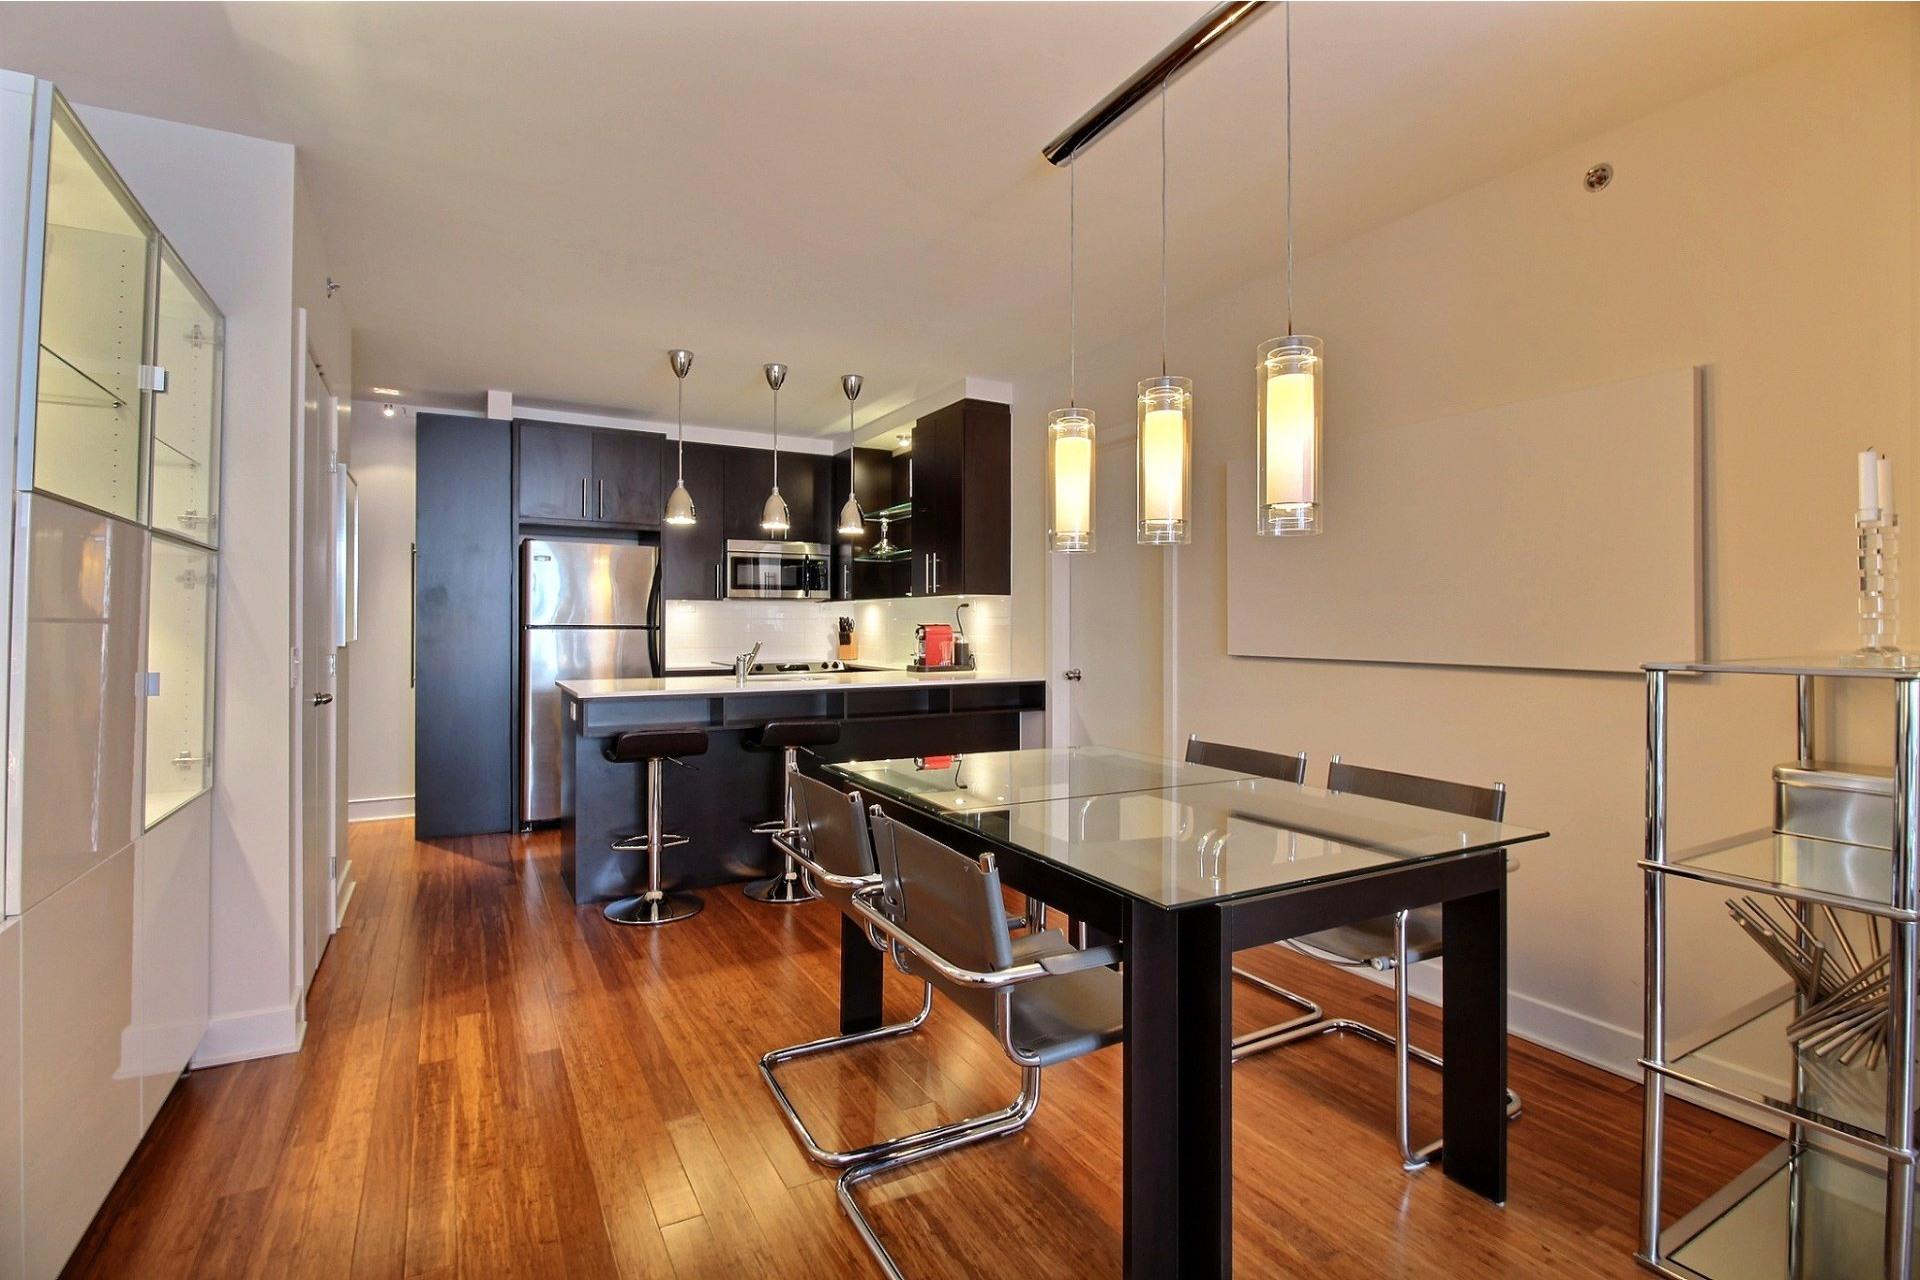 image 4 - Appartement À louer Montréal Le Sud-Ouest  - 7 pièces